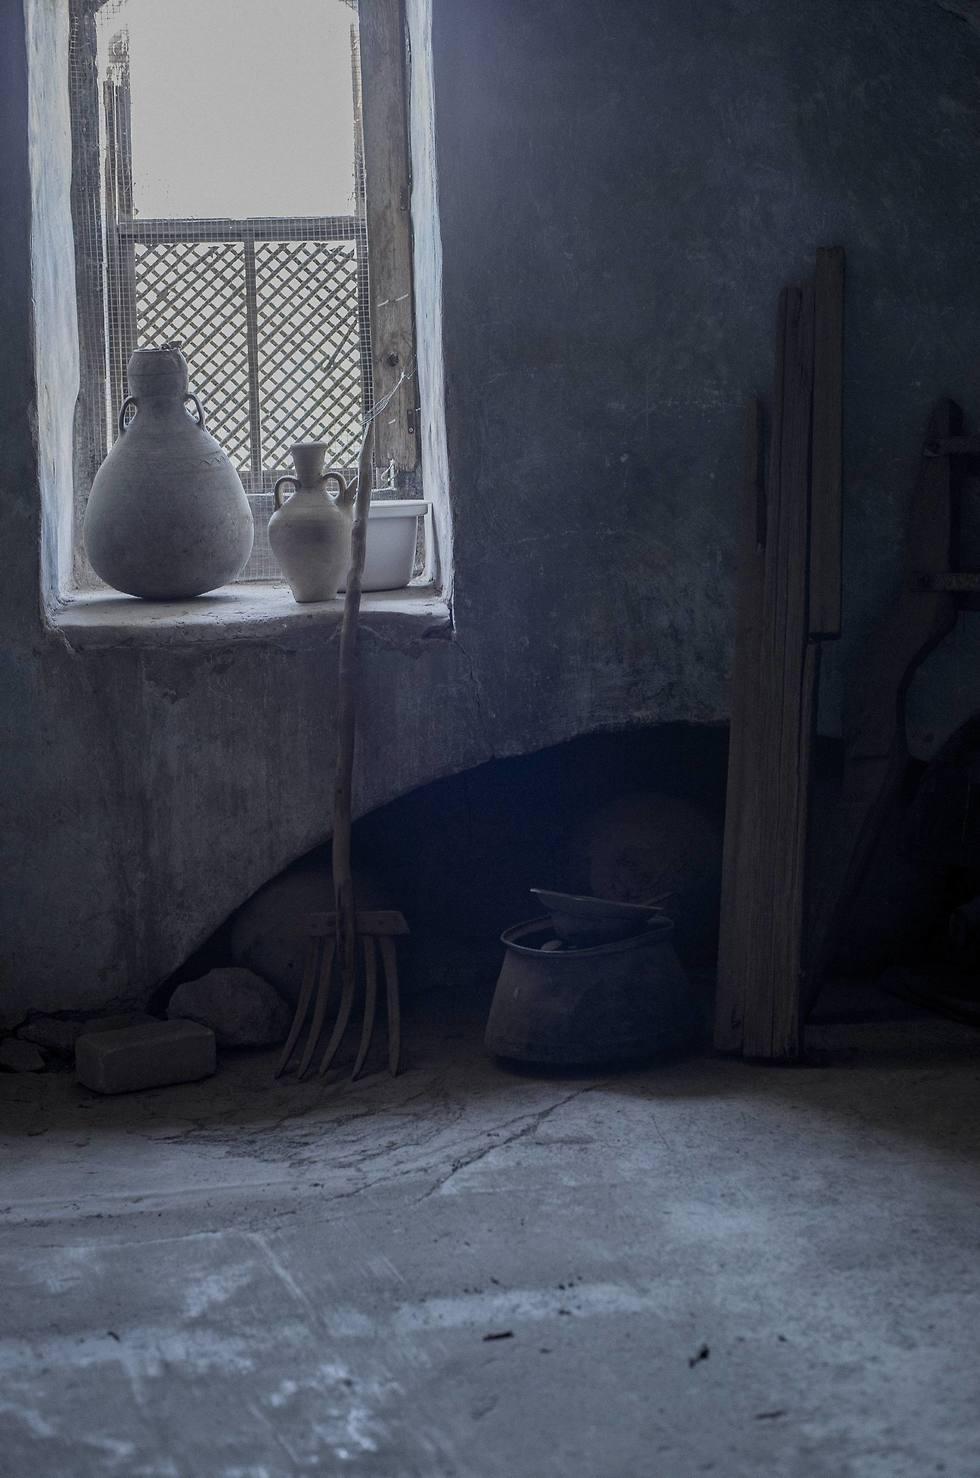 סיור רמדאן בטייבה (צילום: יובל חן)